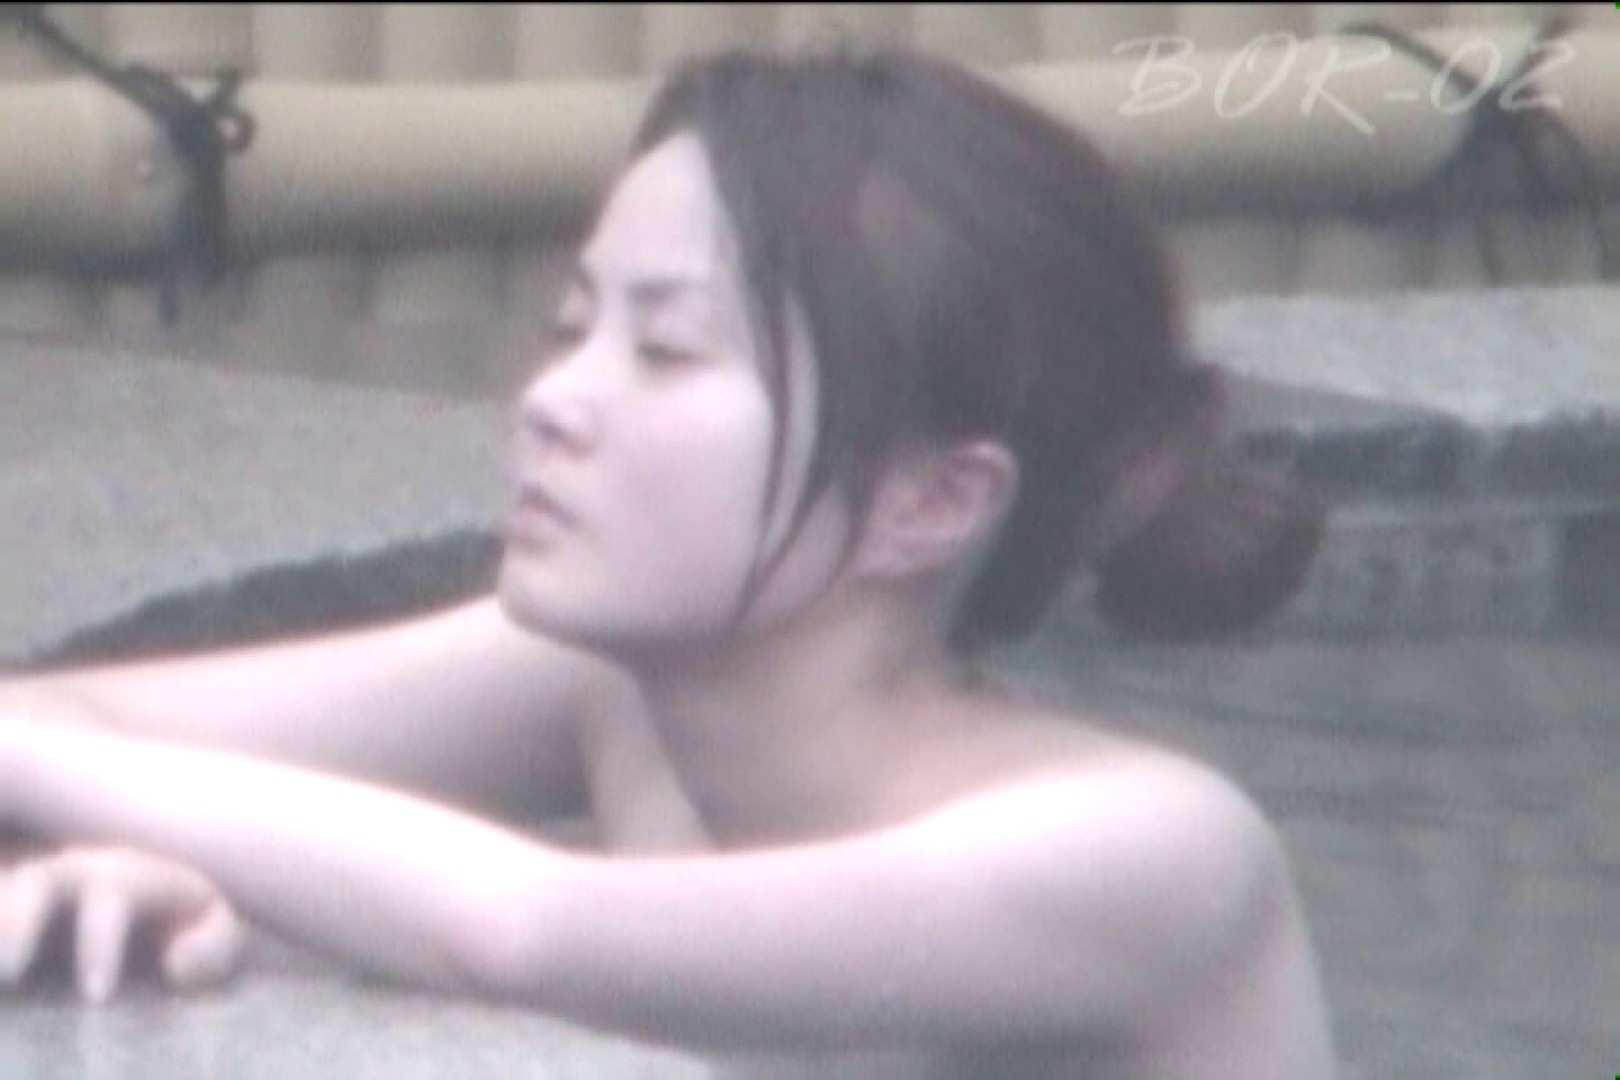 Aquaな露天風呂Vol.474 露天風呂  10枚 4